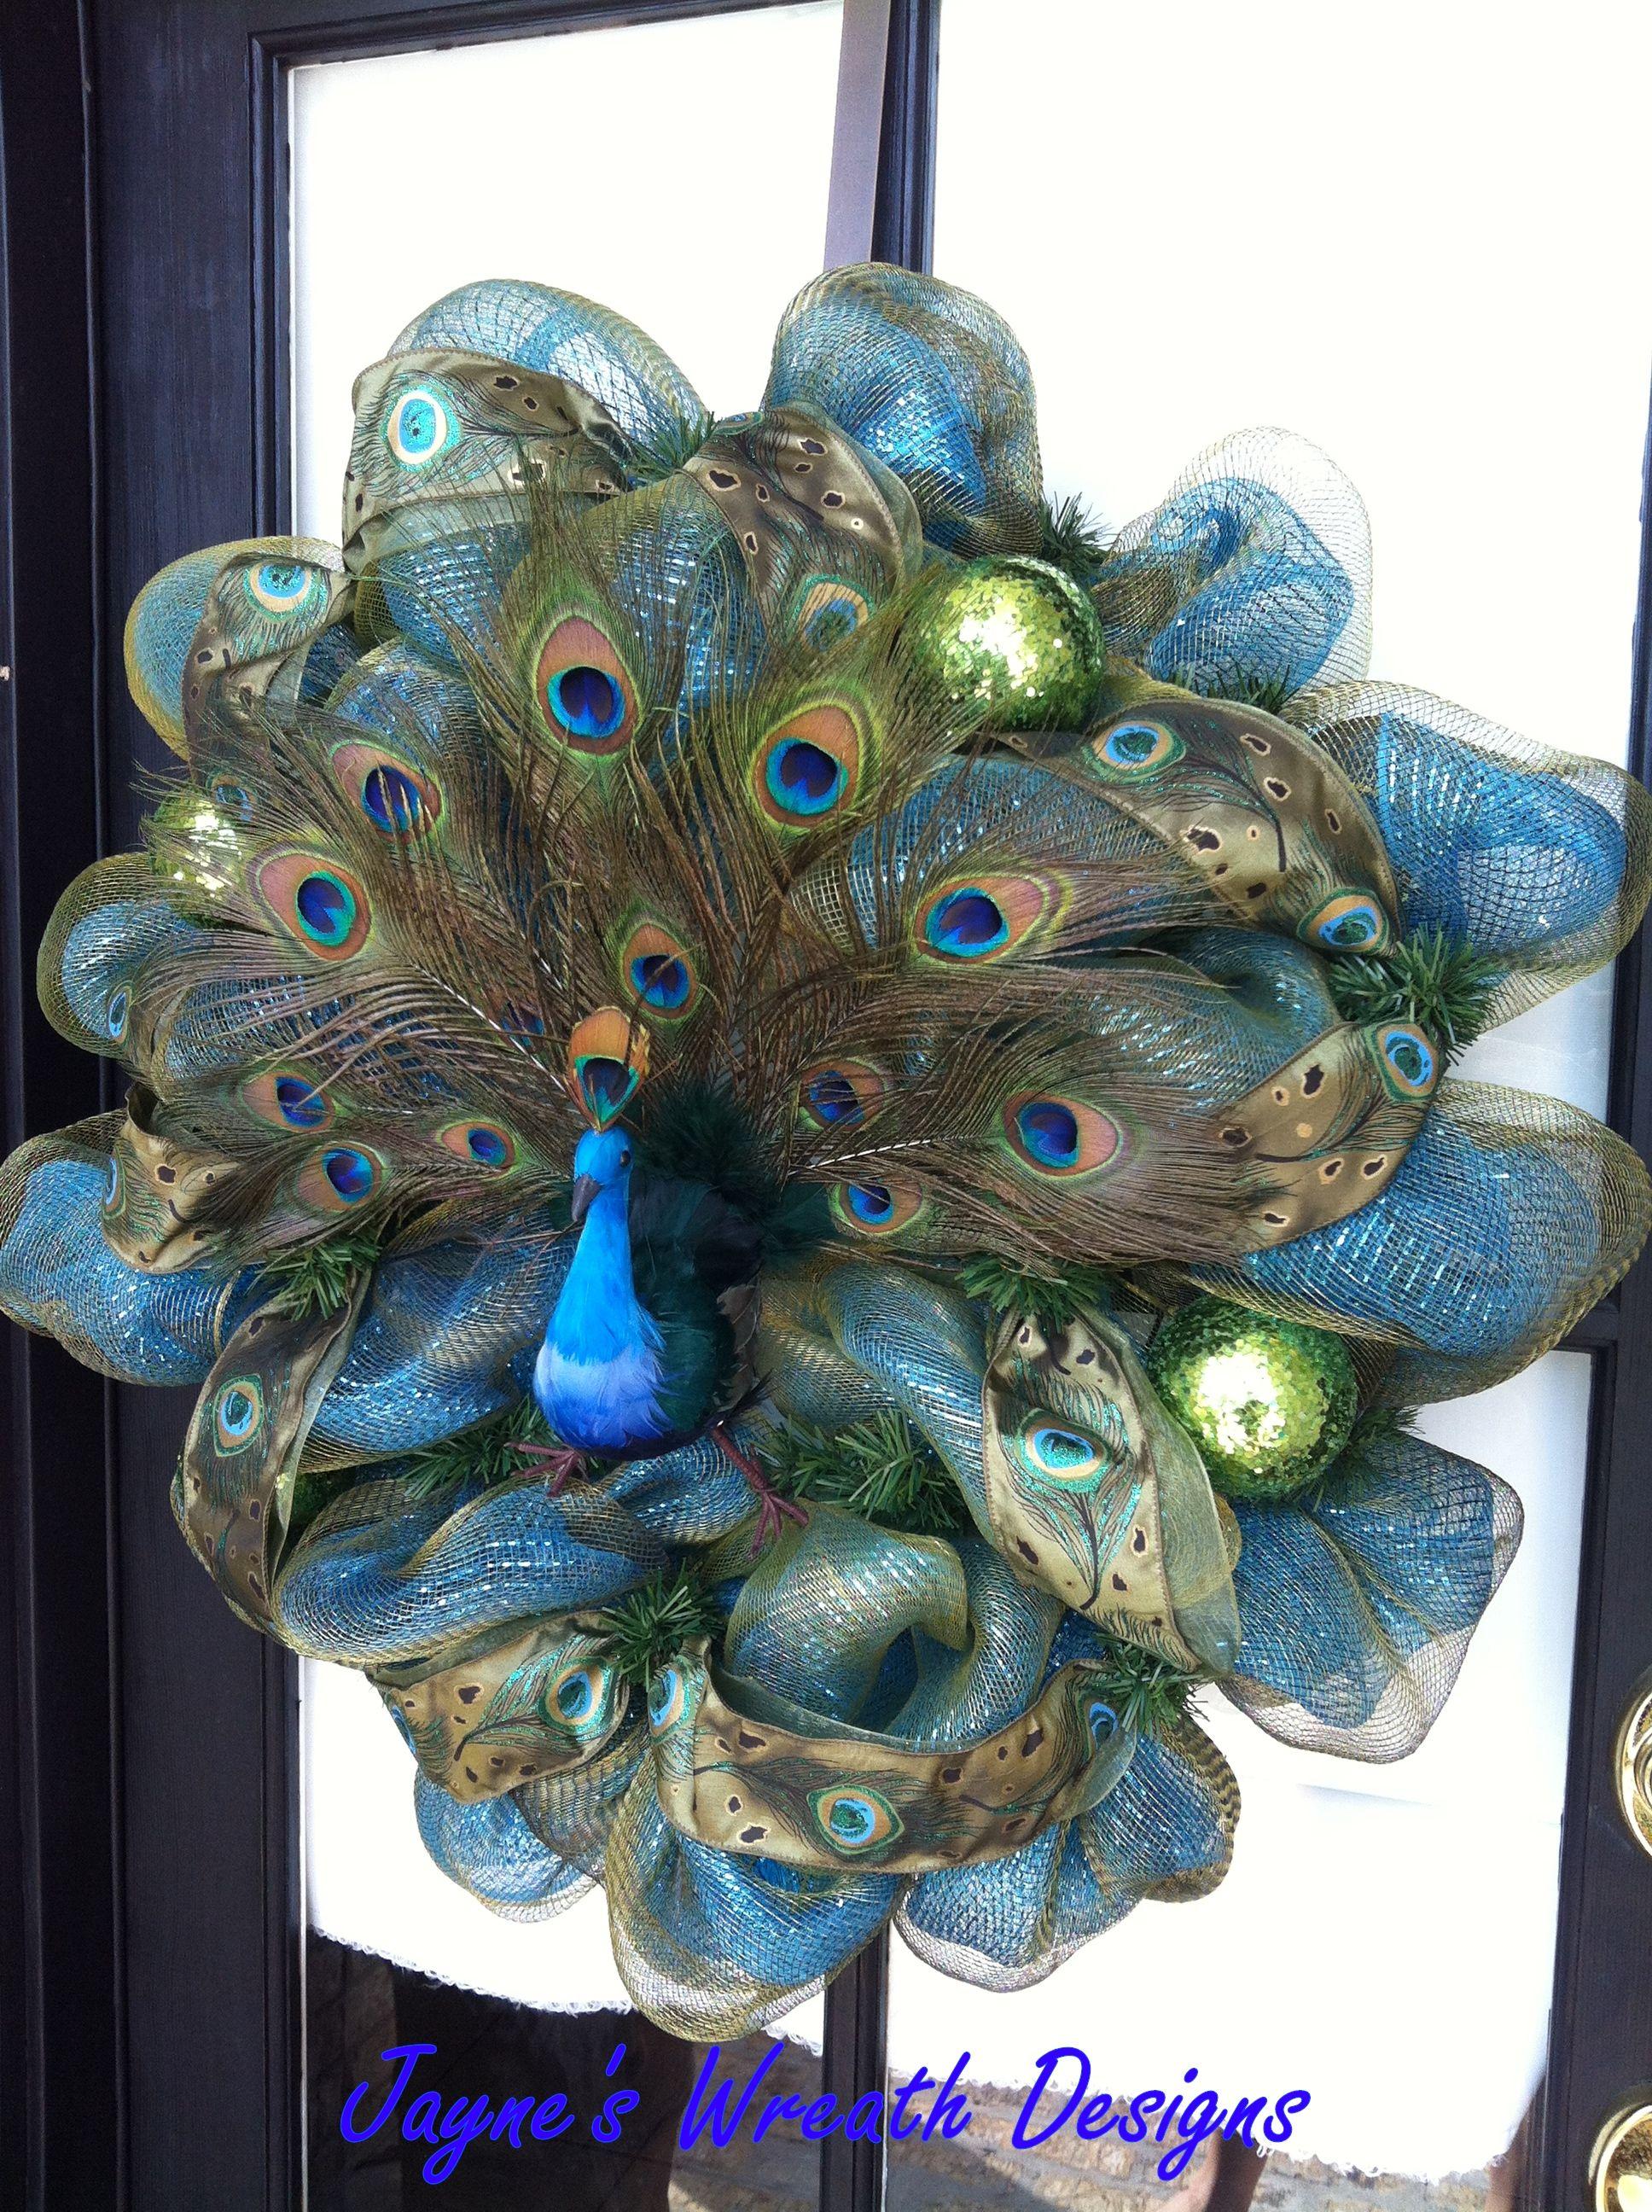 Peacock Wreath by Jayneu0027s Wreaths Designs Love